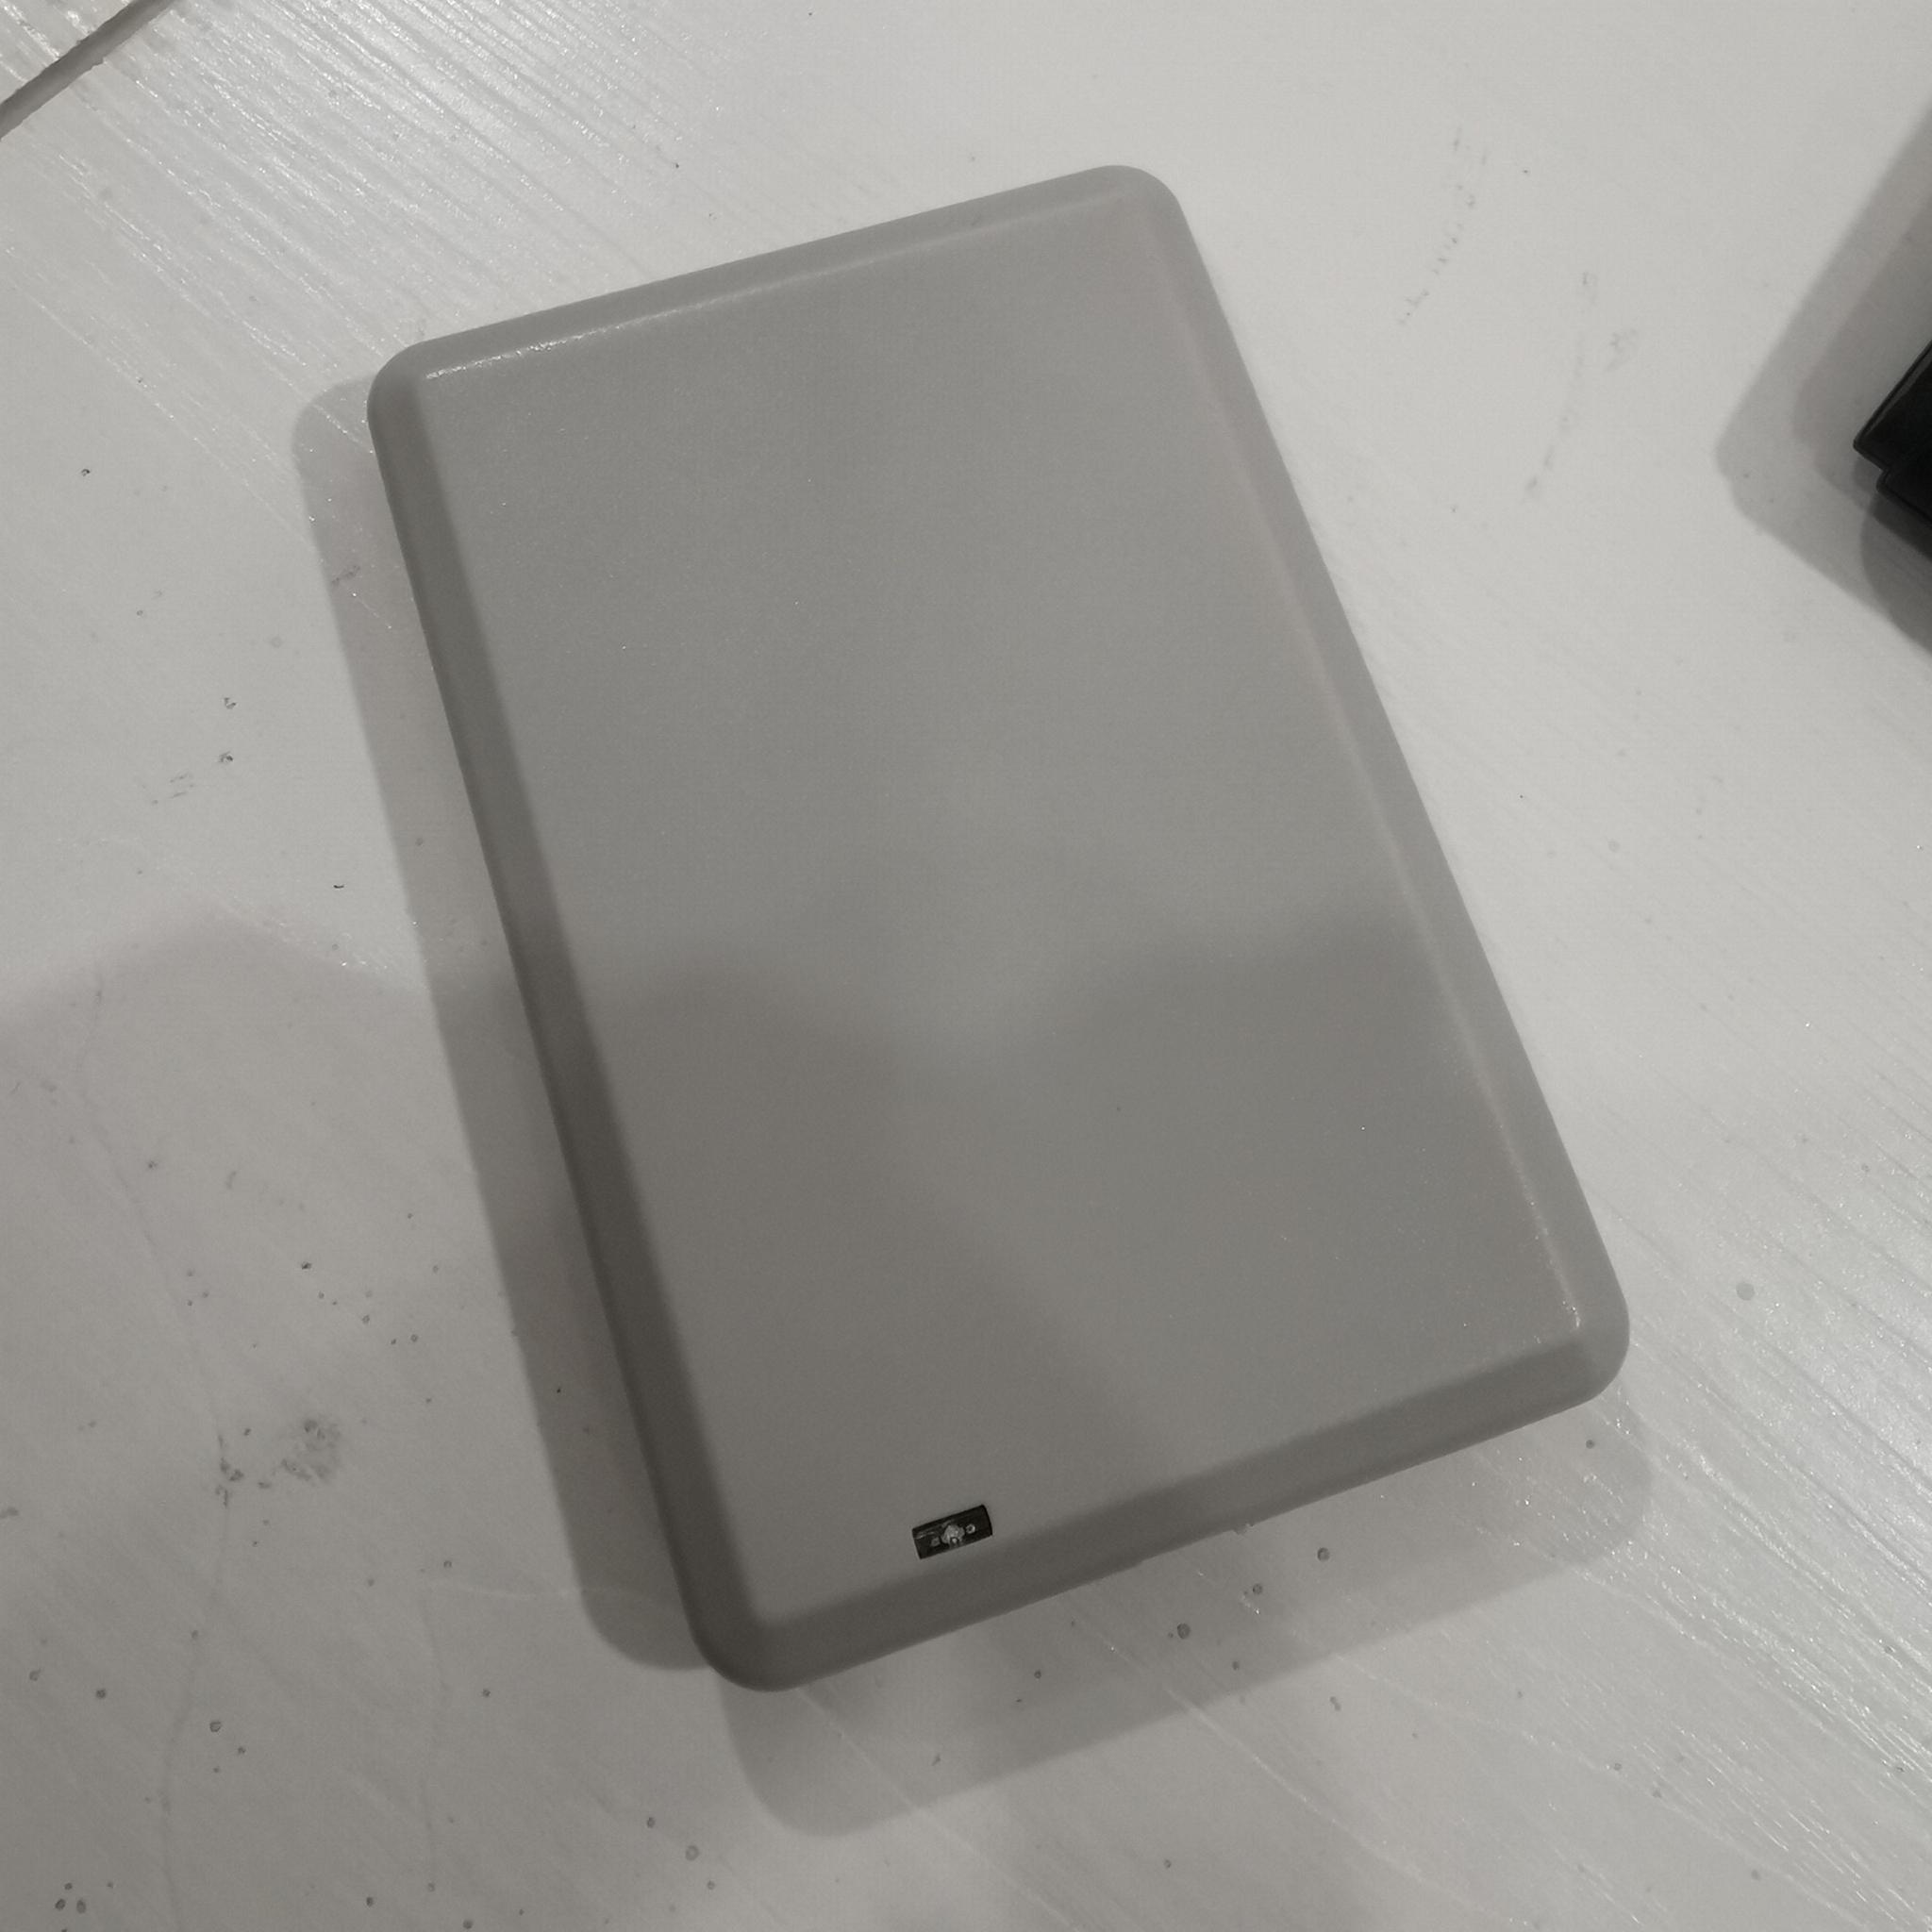 恺乐 KL9005S超高频桌面读写器 4